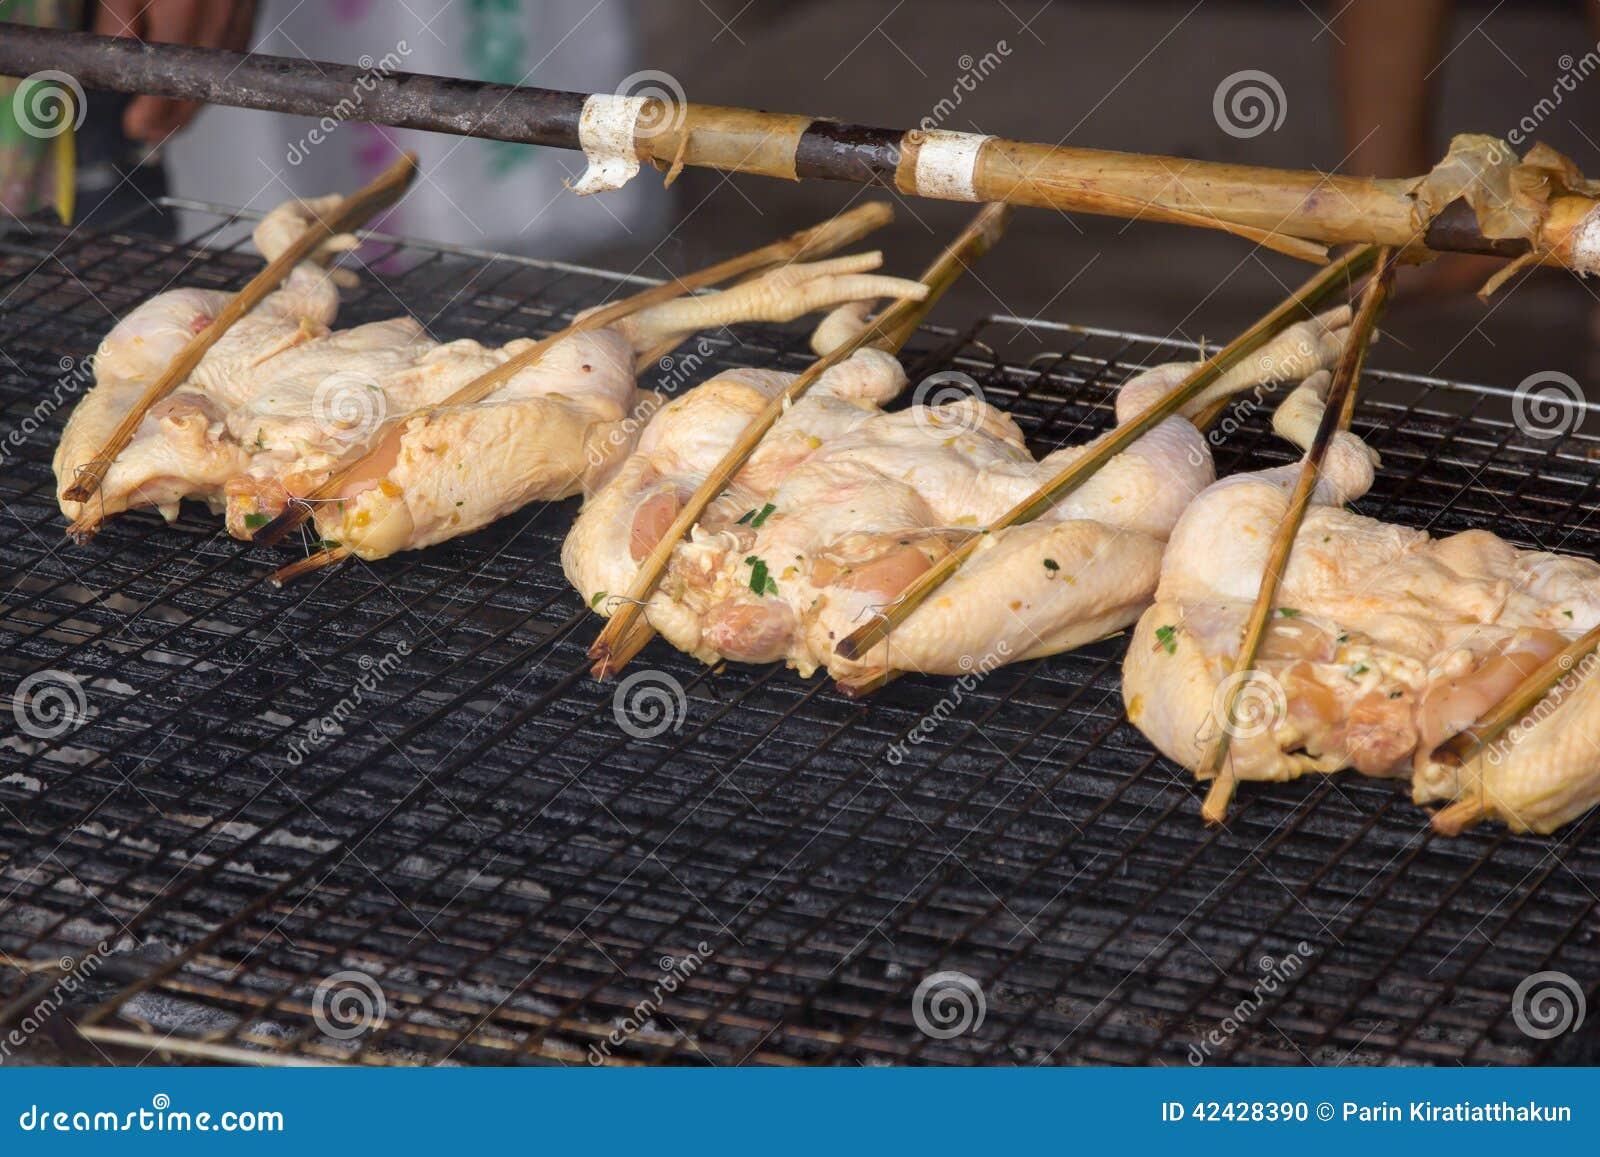 Pollo asado a la parrilla en una parrilla